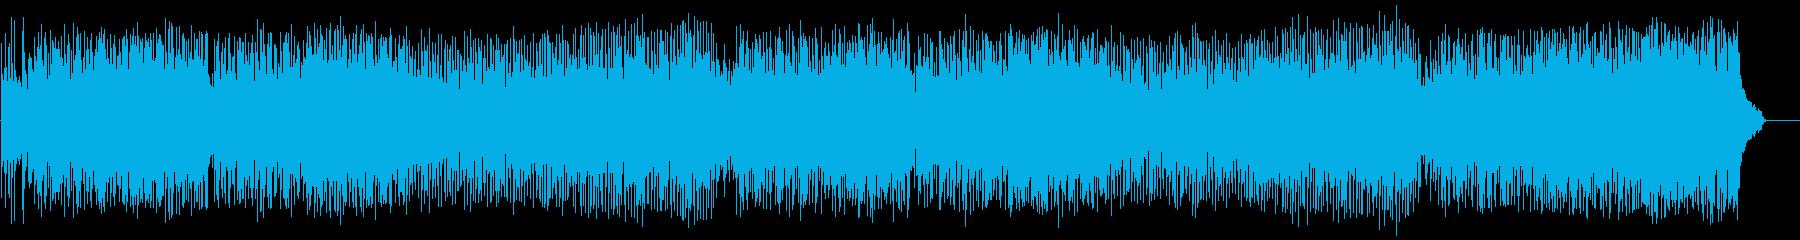 爽快なオープニング(フルサイズ)の再生済みの波形